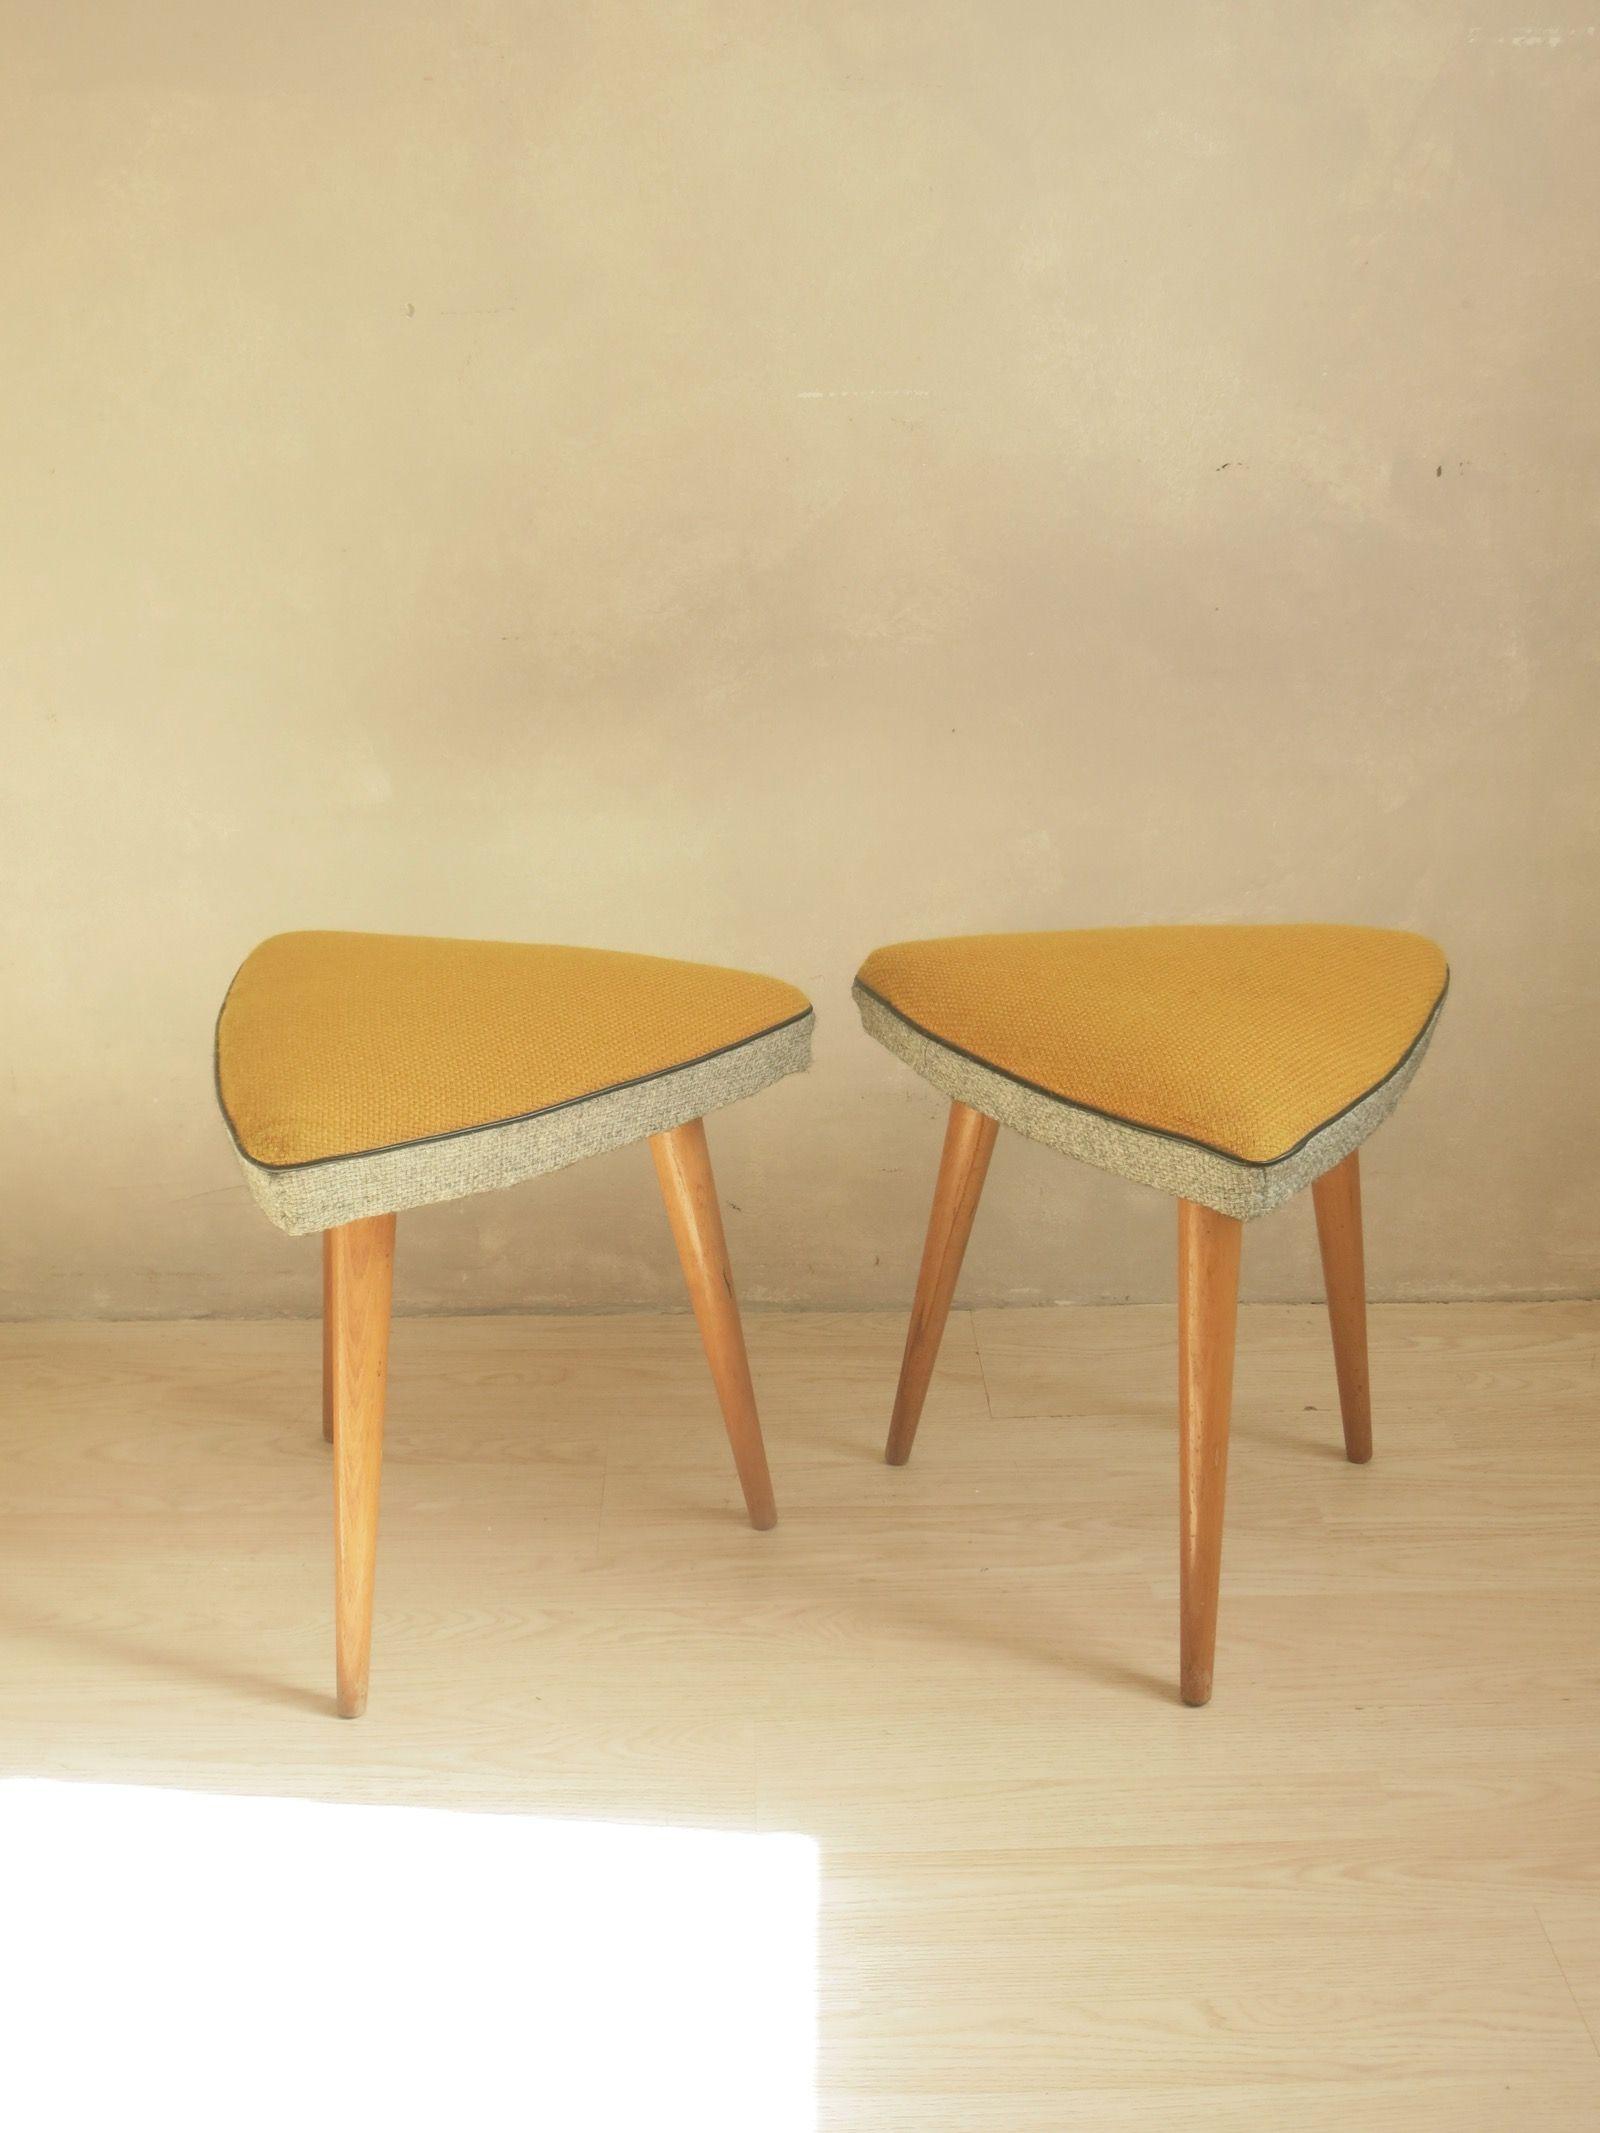 Mobilier Vintage Commodes Armoires Tables Buffets C Est Vintage Fauteuil Vintage Table Basse Table Vintage